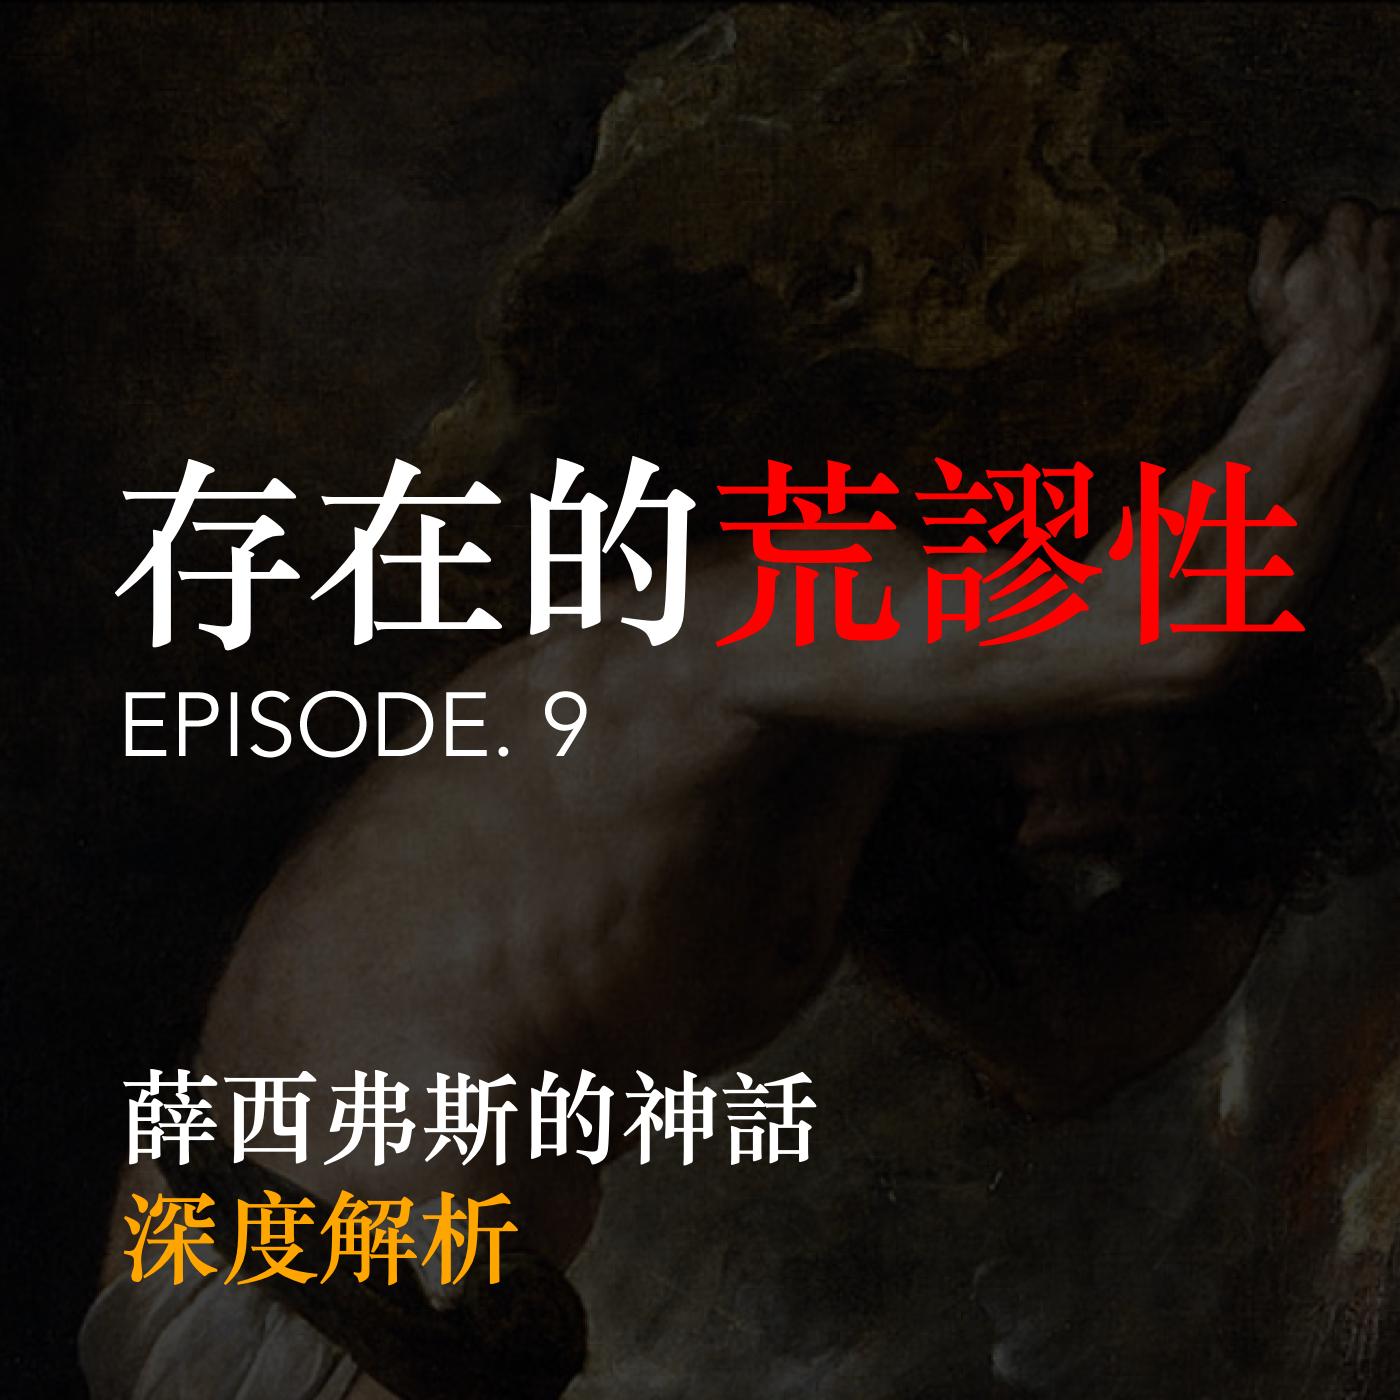 存在的荒謬性 EP.9 - 薛西弗斯的神話深度解析